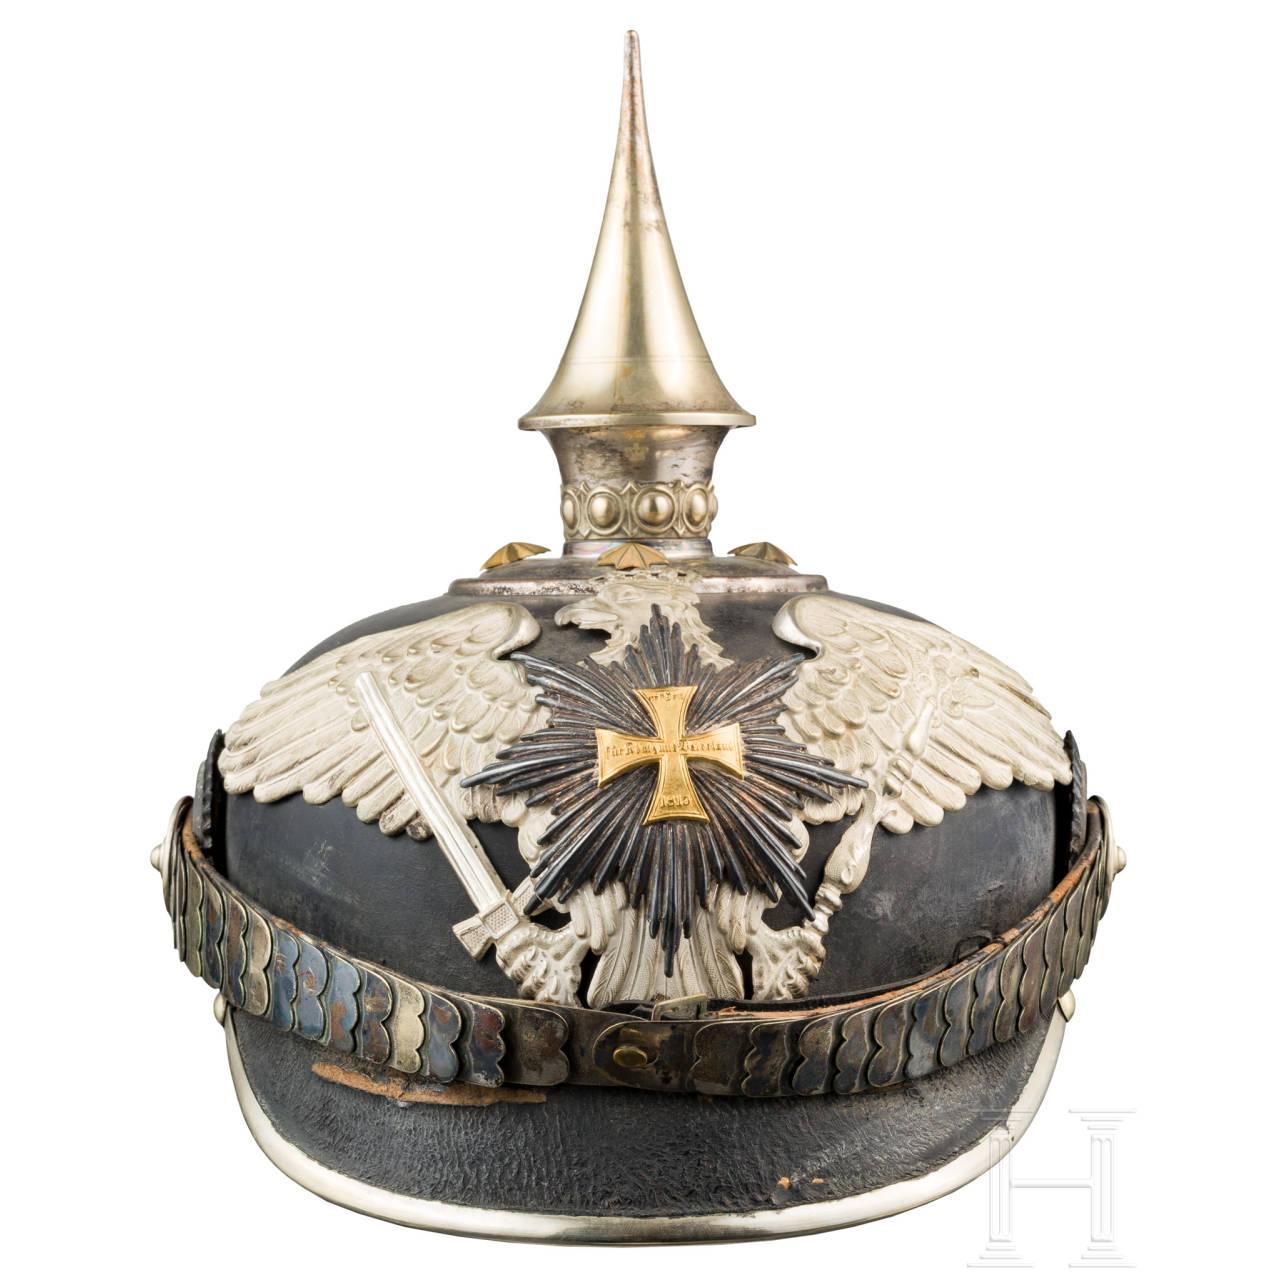 Helm für Offiziere der Garde-Landwehr, um 1900